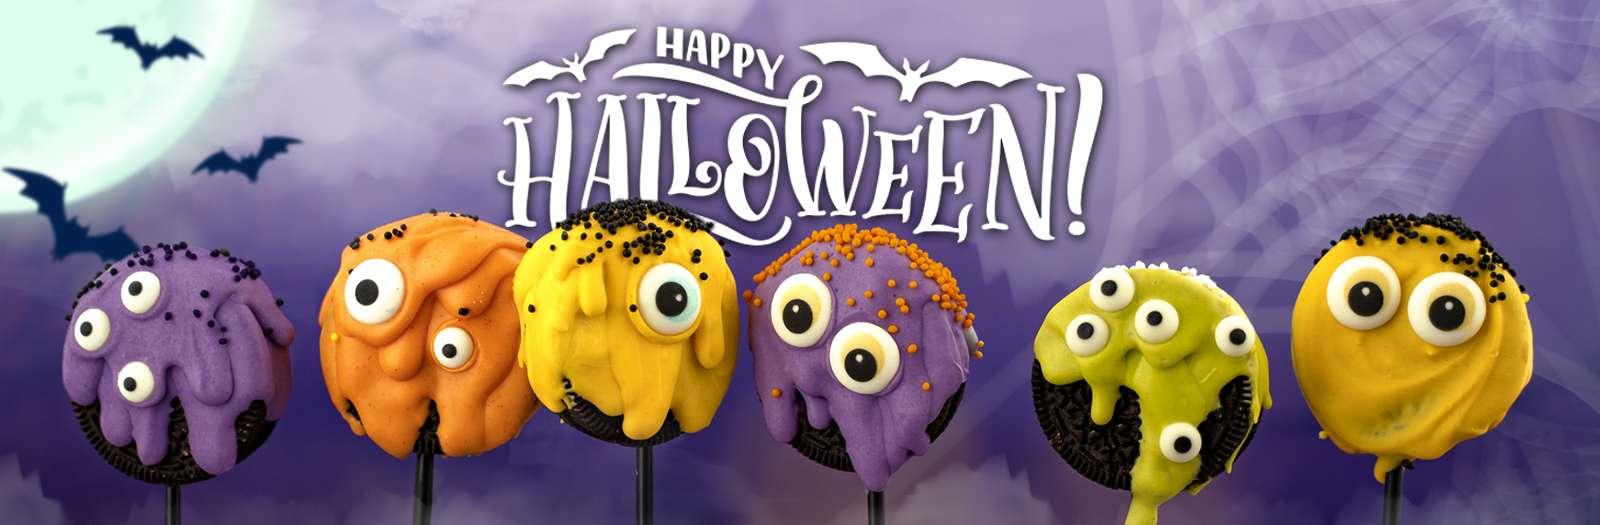 Happy Halloween Teaser